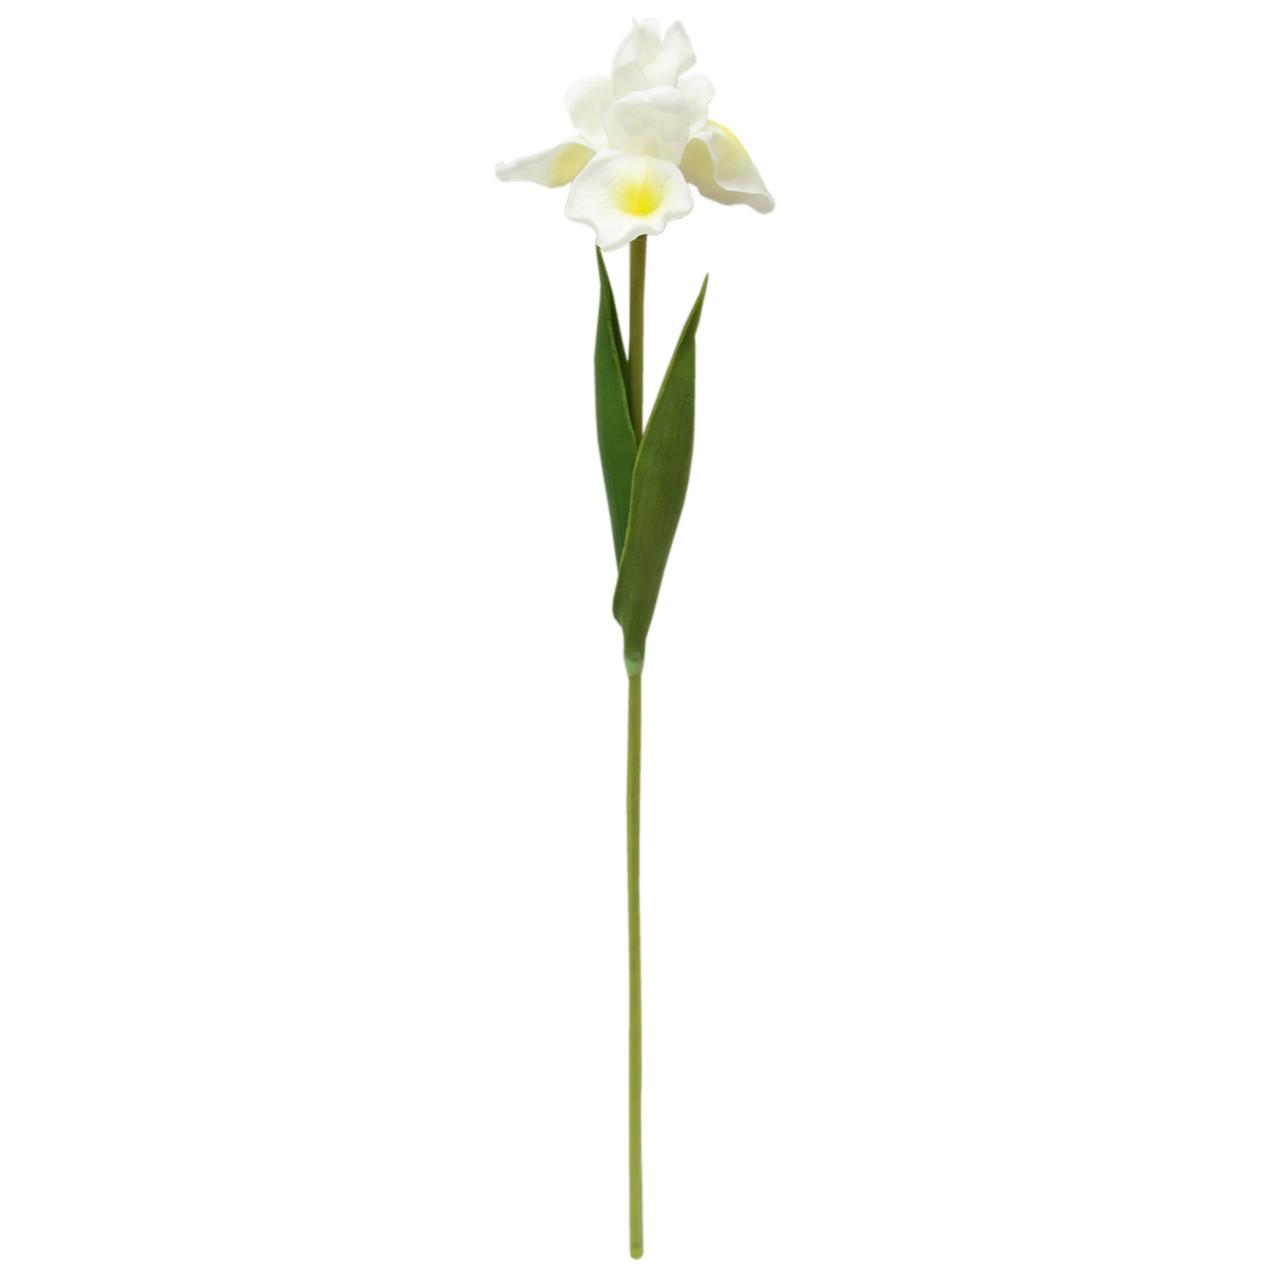 Искусственный цветок Ирис, 56 см, Белый (631451)